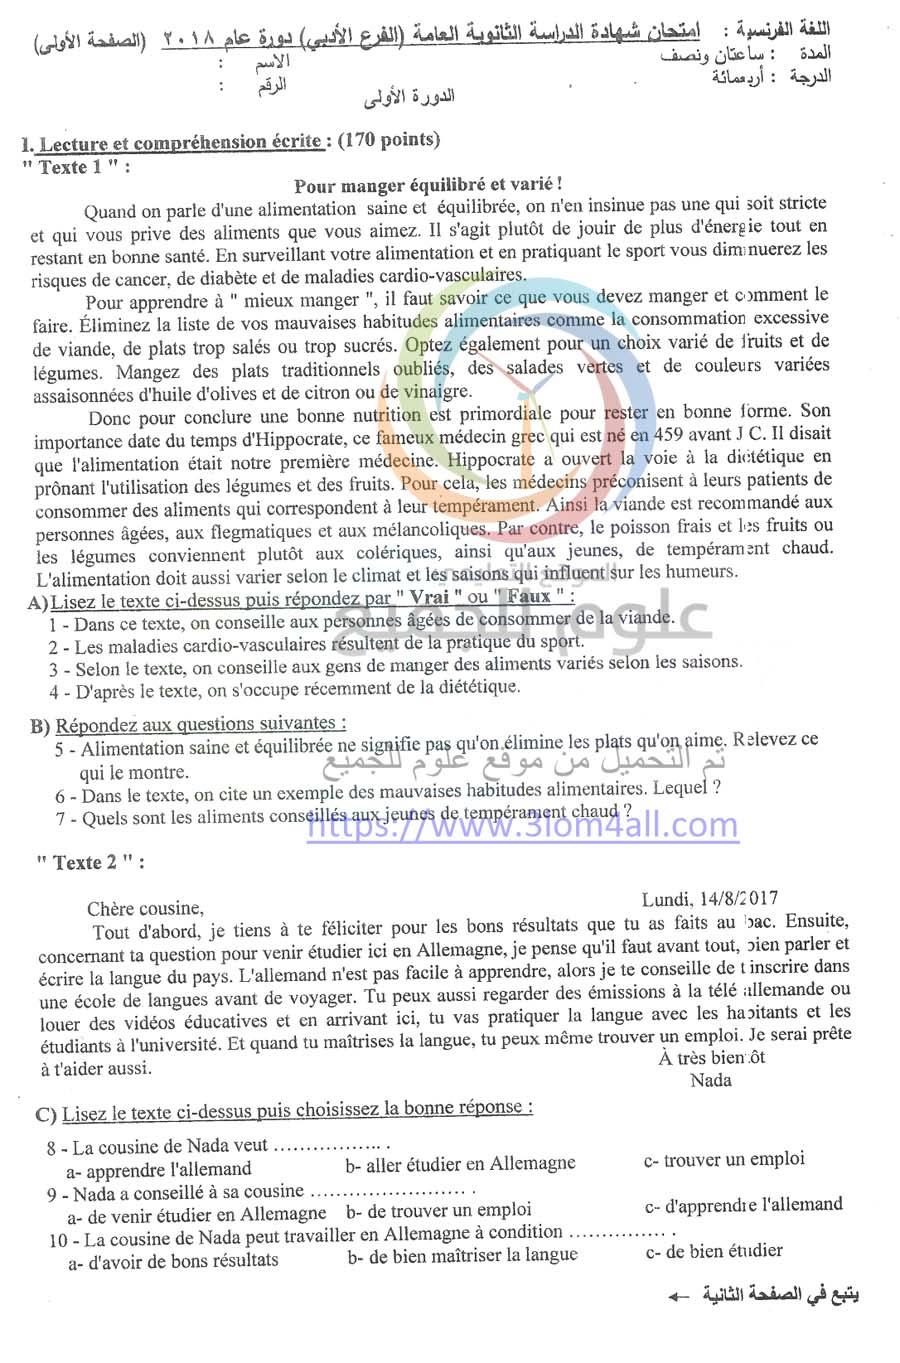 ورقة اسئلة اللغة الفرنسية الدورة الأولى البكالوريا الادبي 2018 مع الحل